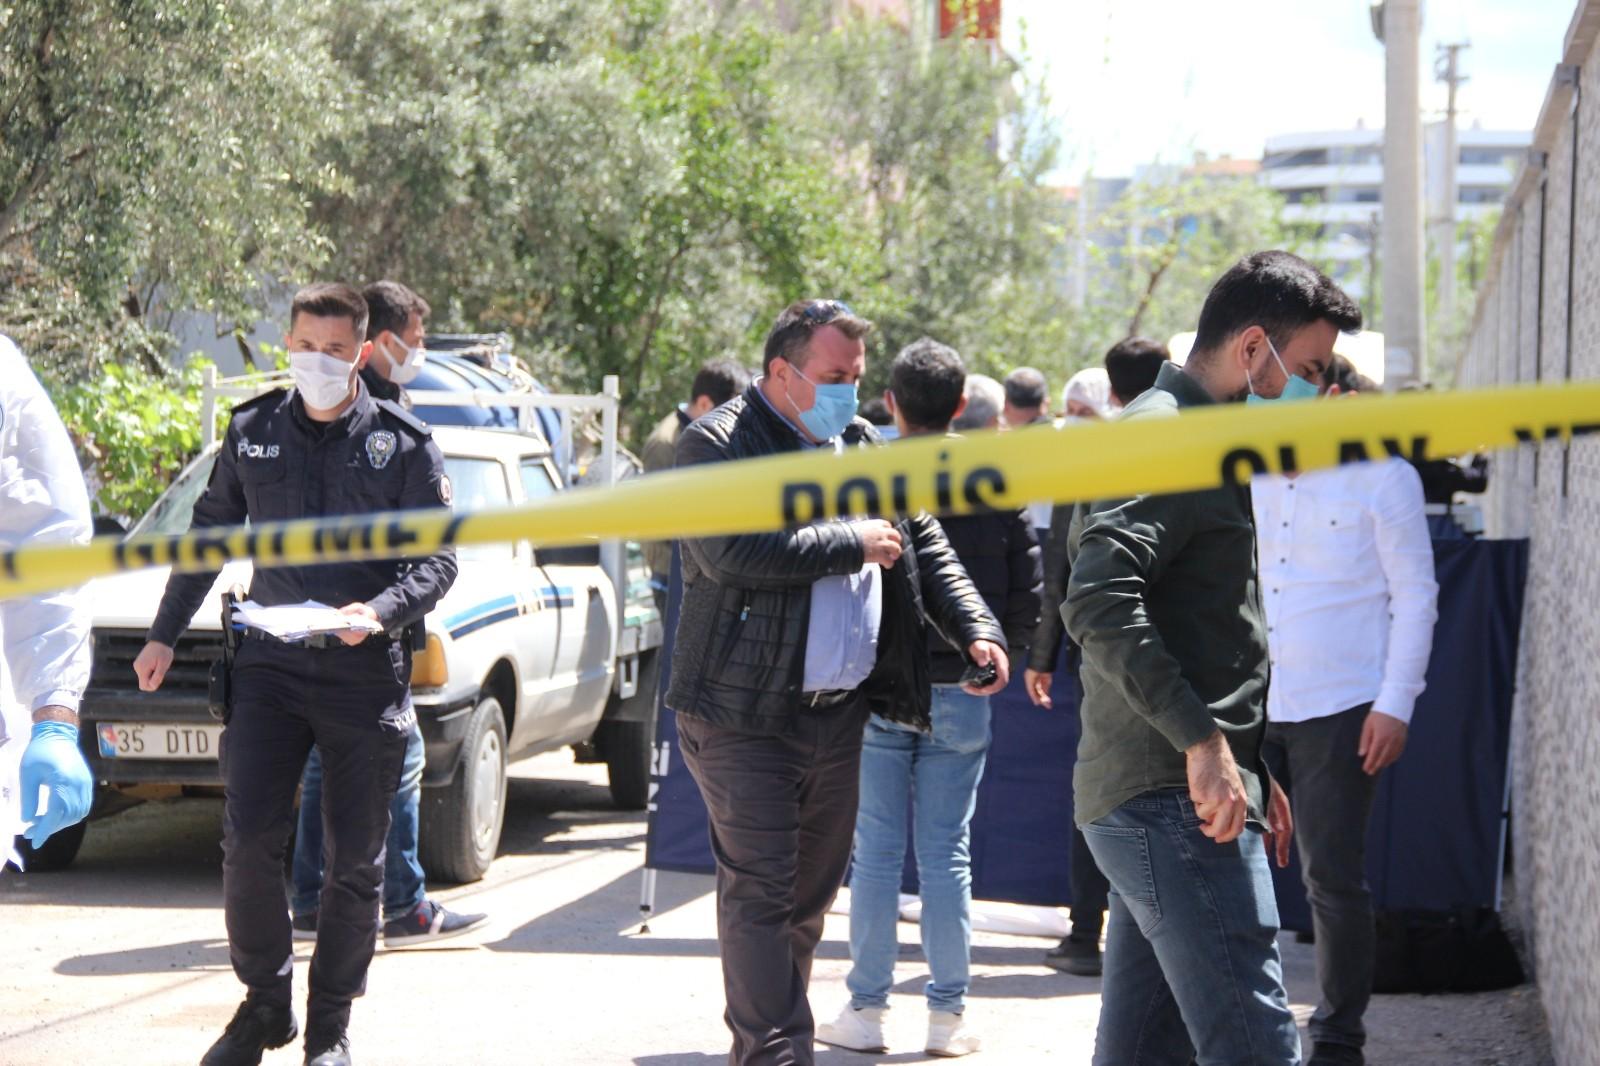 İzmir'de kardeş katliamı! Öz ağabeyini pompalı tüfekle vurarak öldürdü